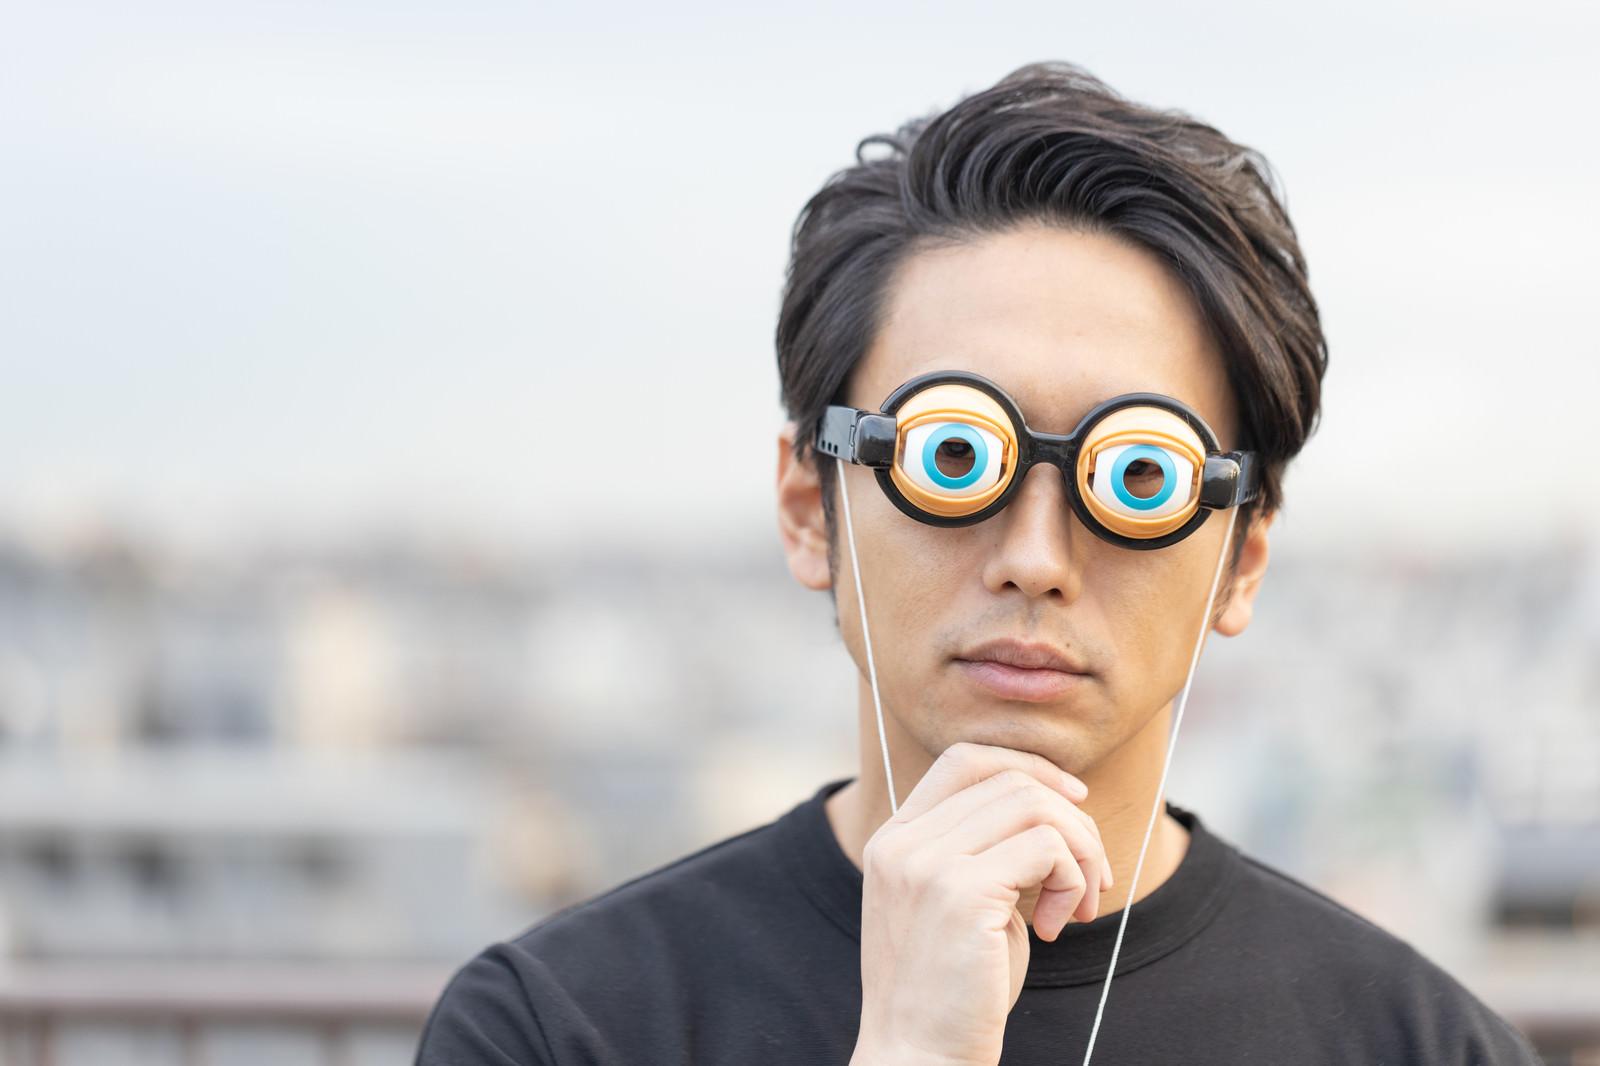 「目を見開いて考え込む男性」の写真[モデル:大川竜弥]